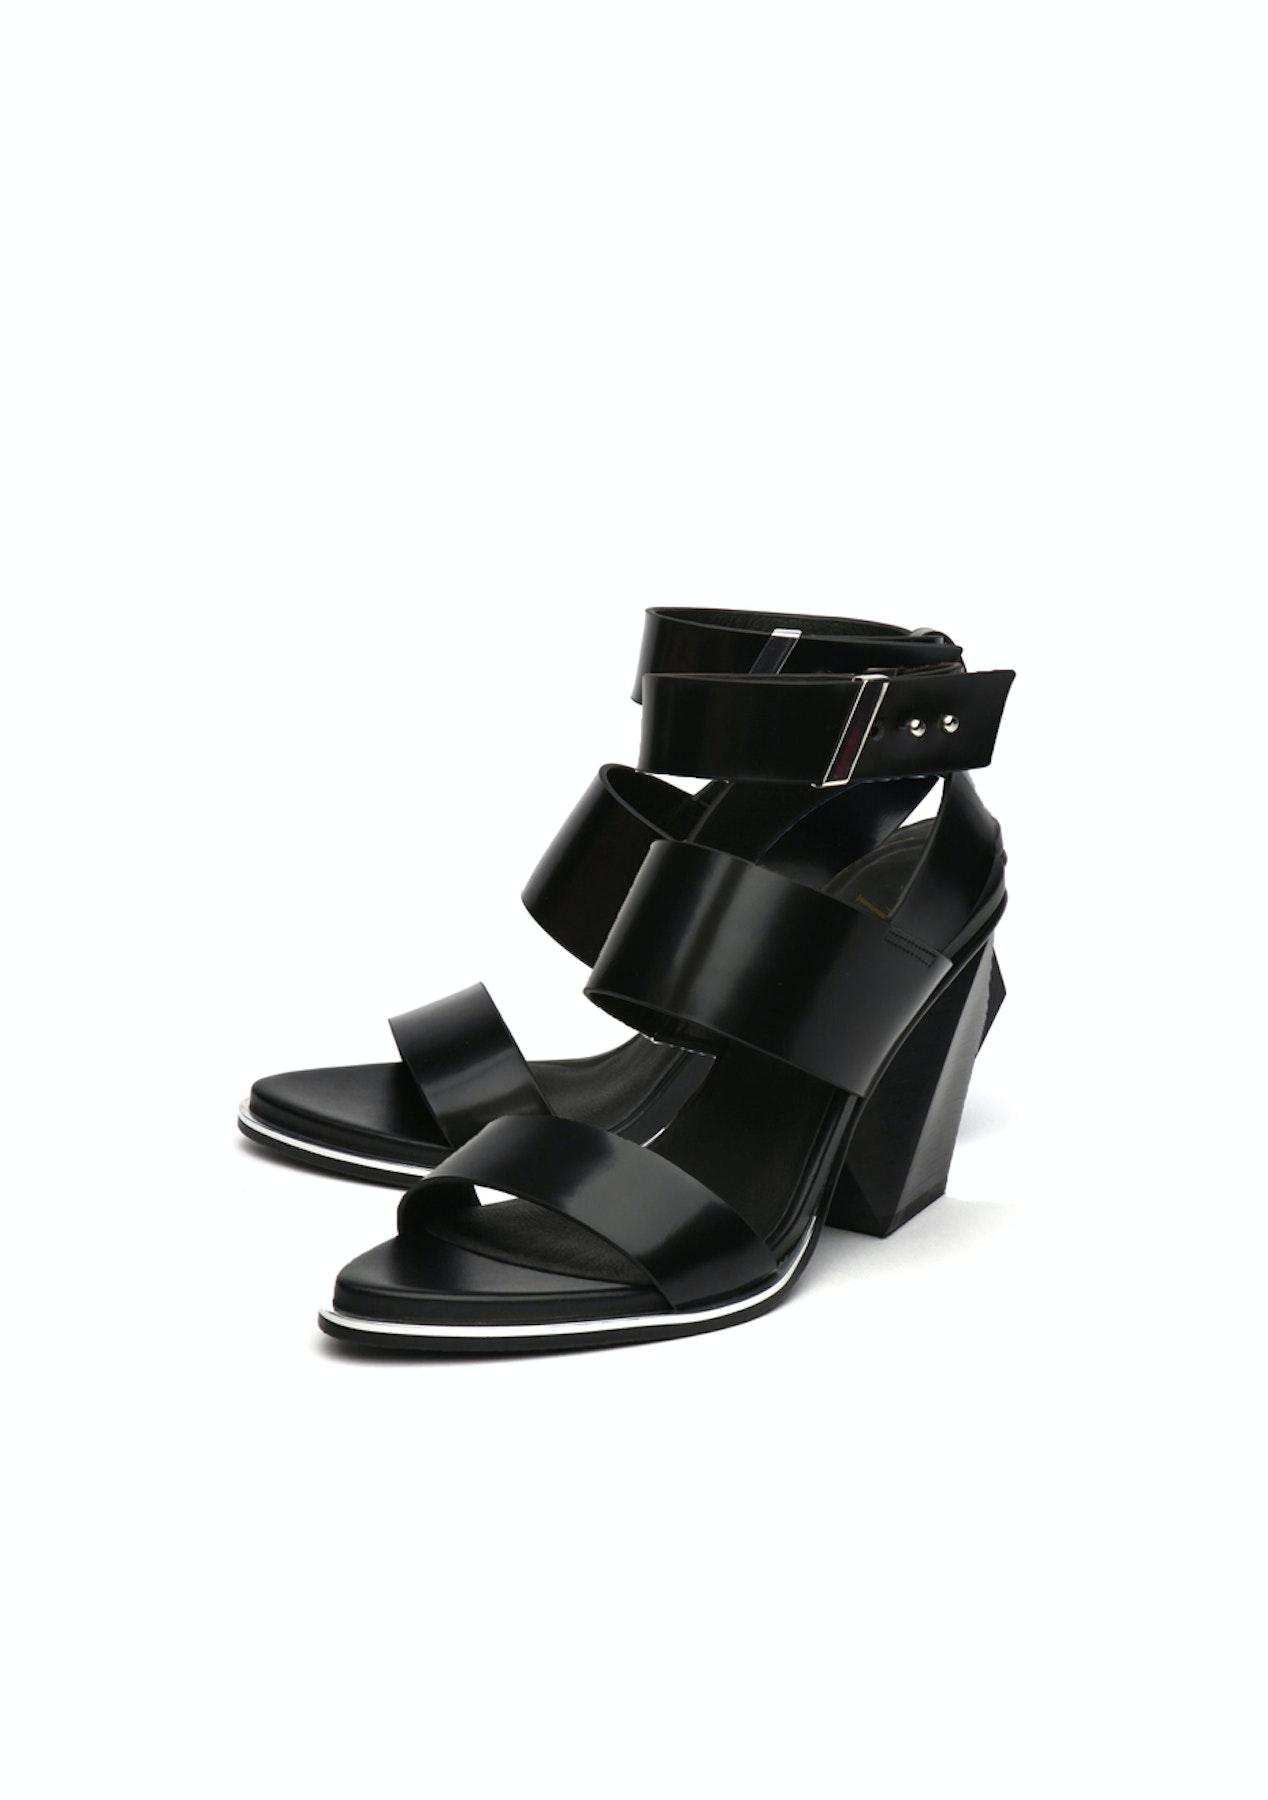 4fd09d01521 Jady Rose - Sandals - Black - Jady Rose Footwear - Onceit